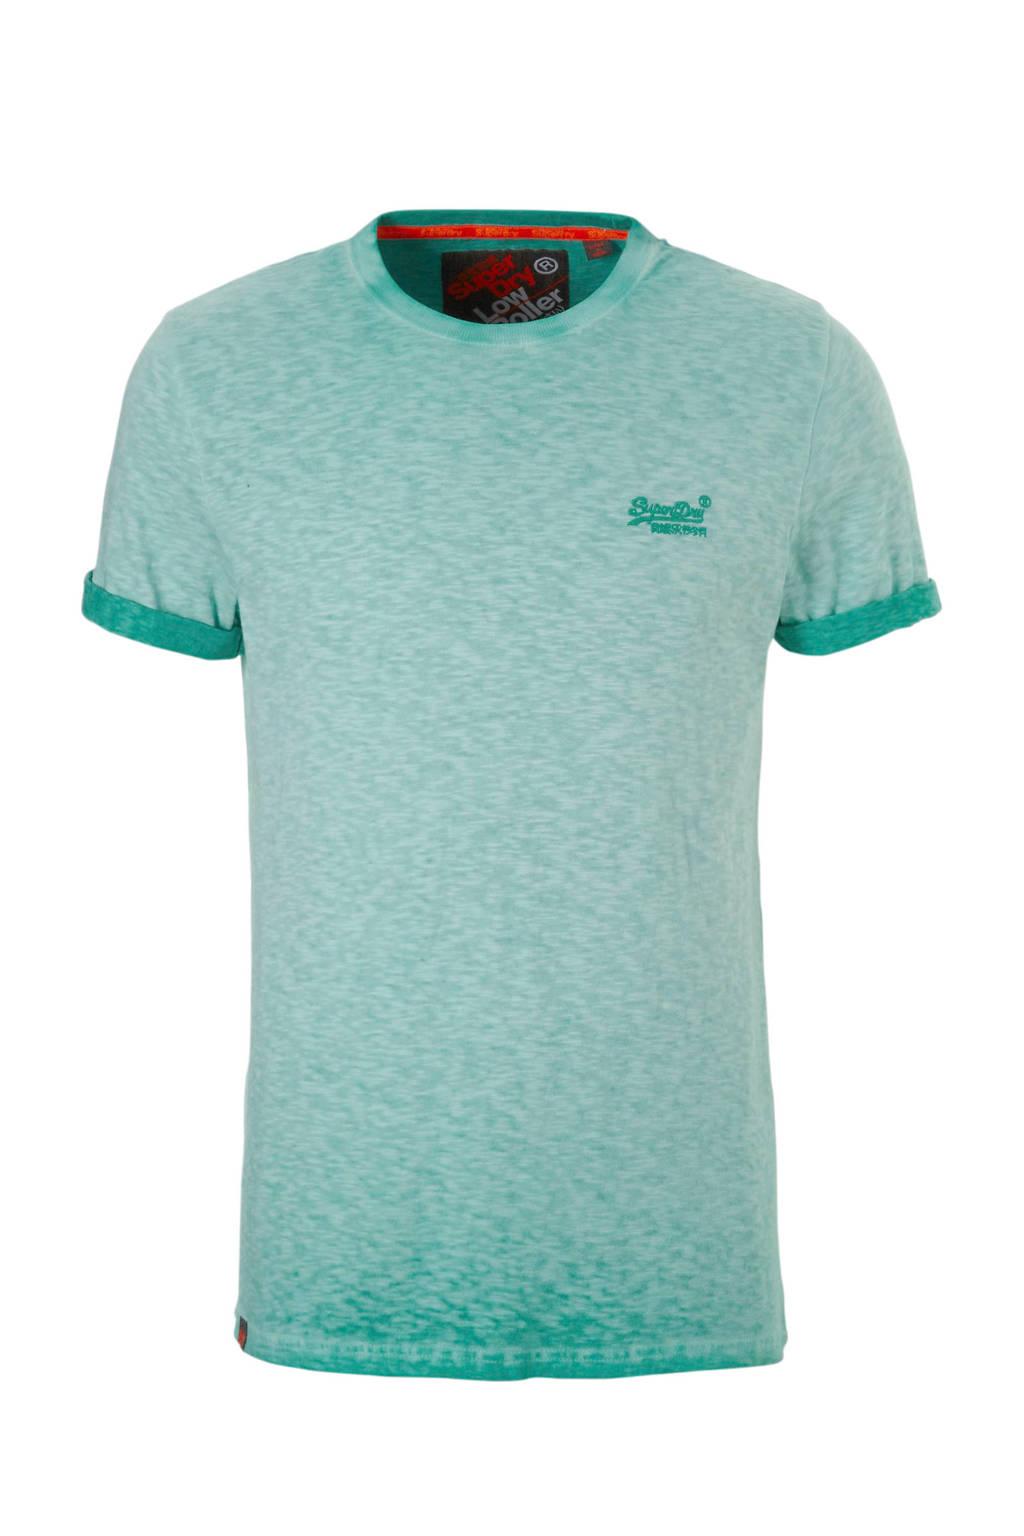 Superdry T-shirt, Groen